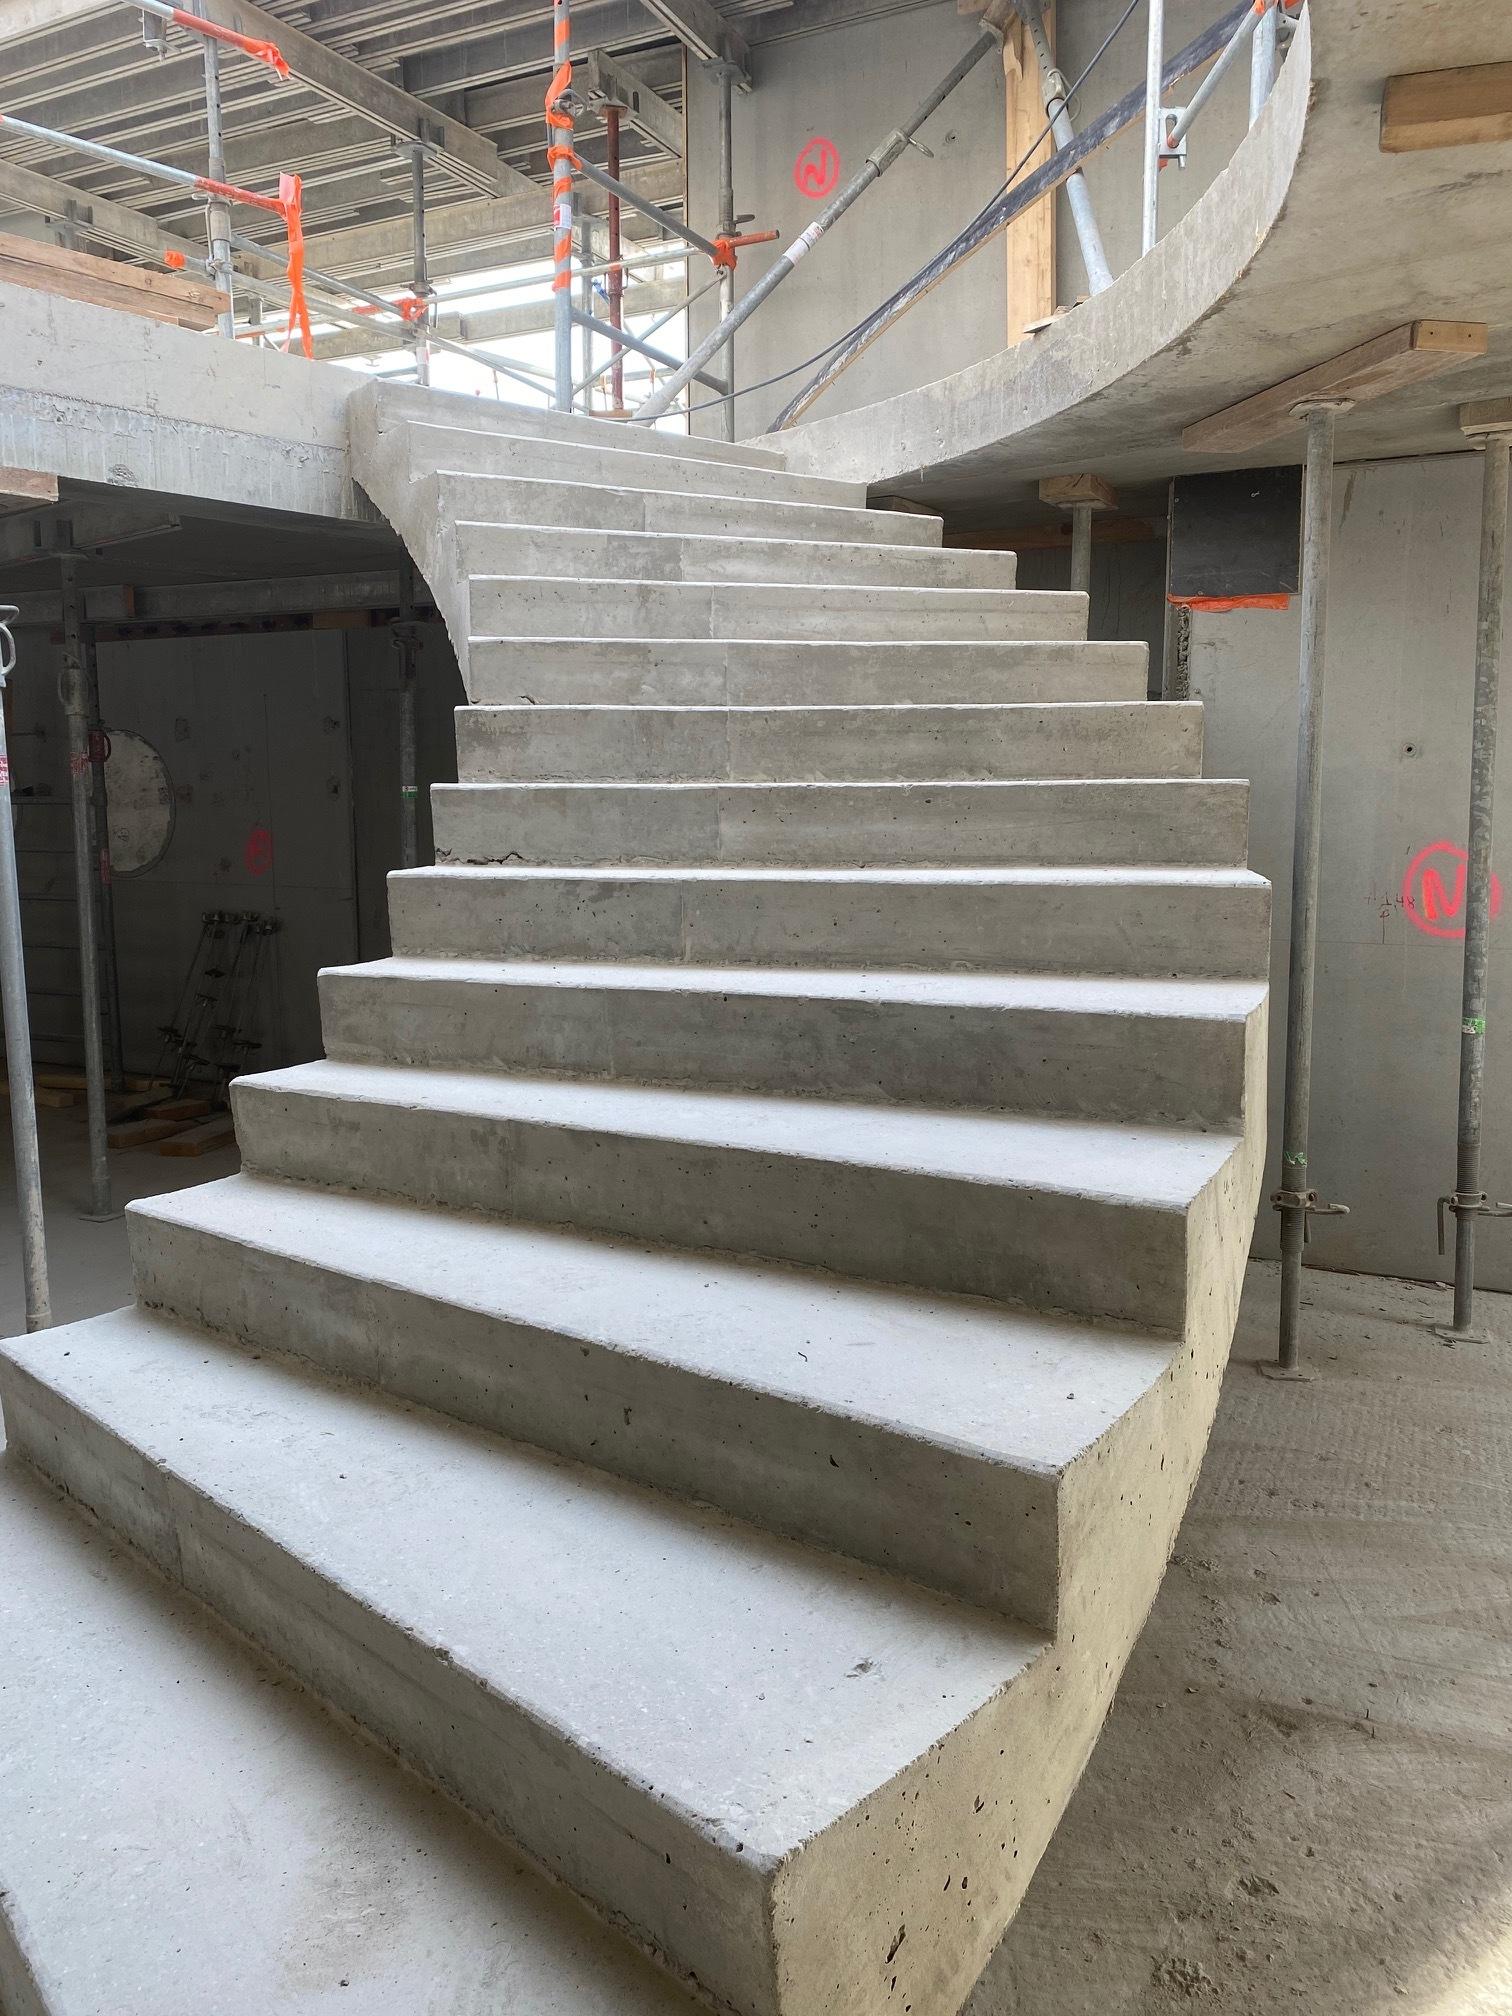 Escalier monumental en béton dans un musée dans les Bouches du Rhône